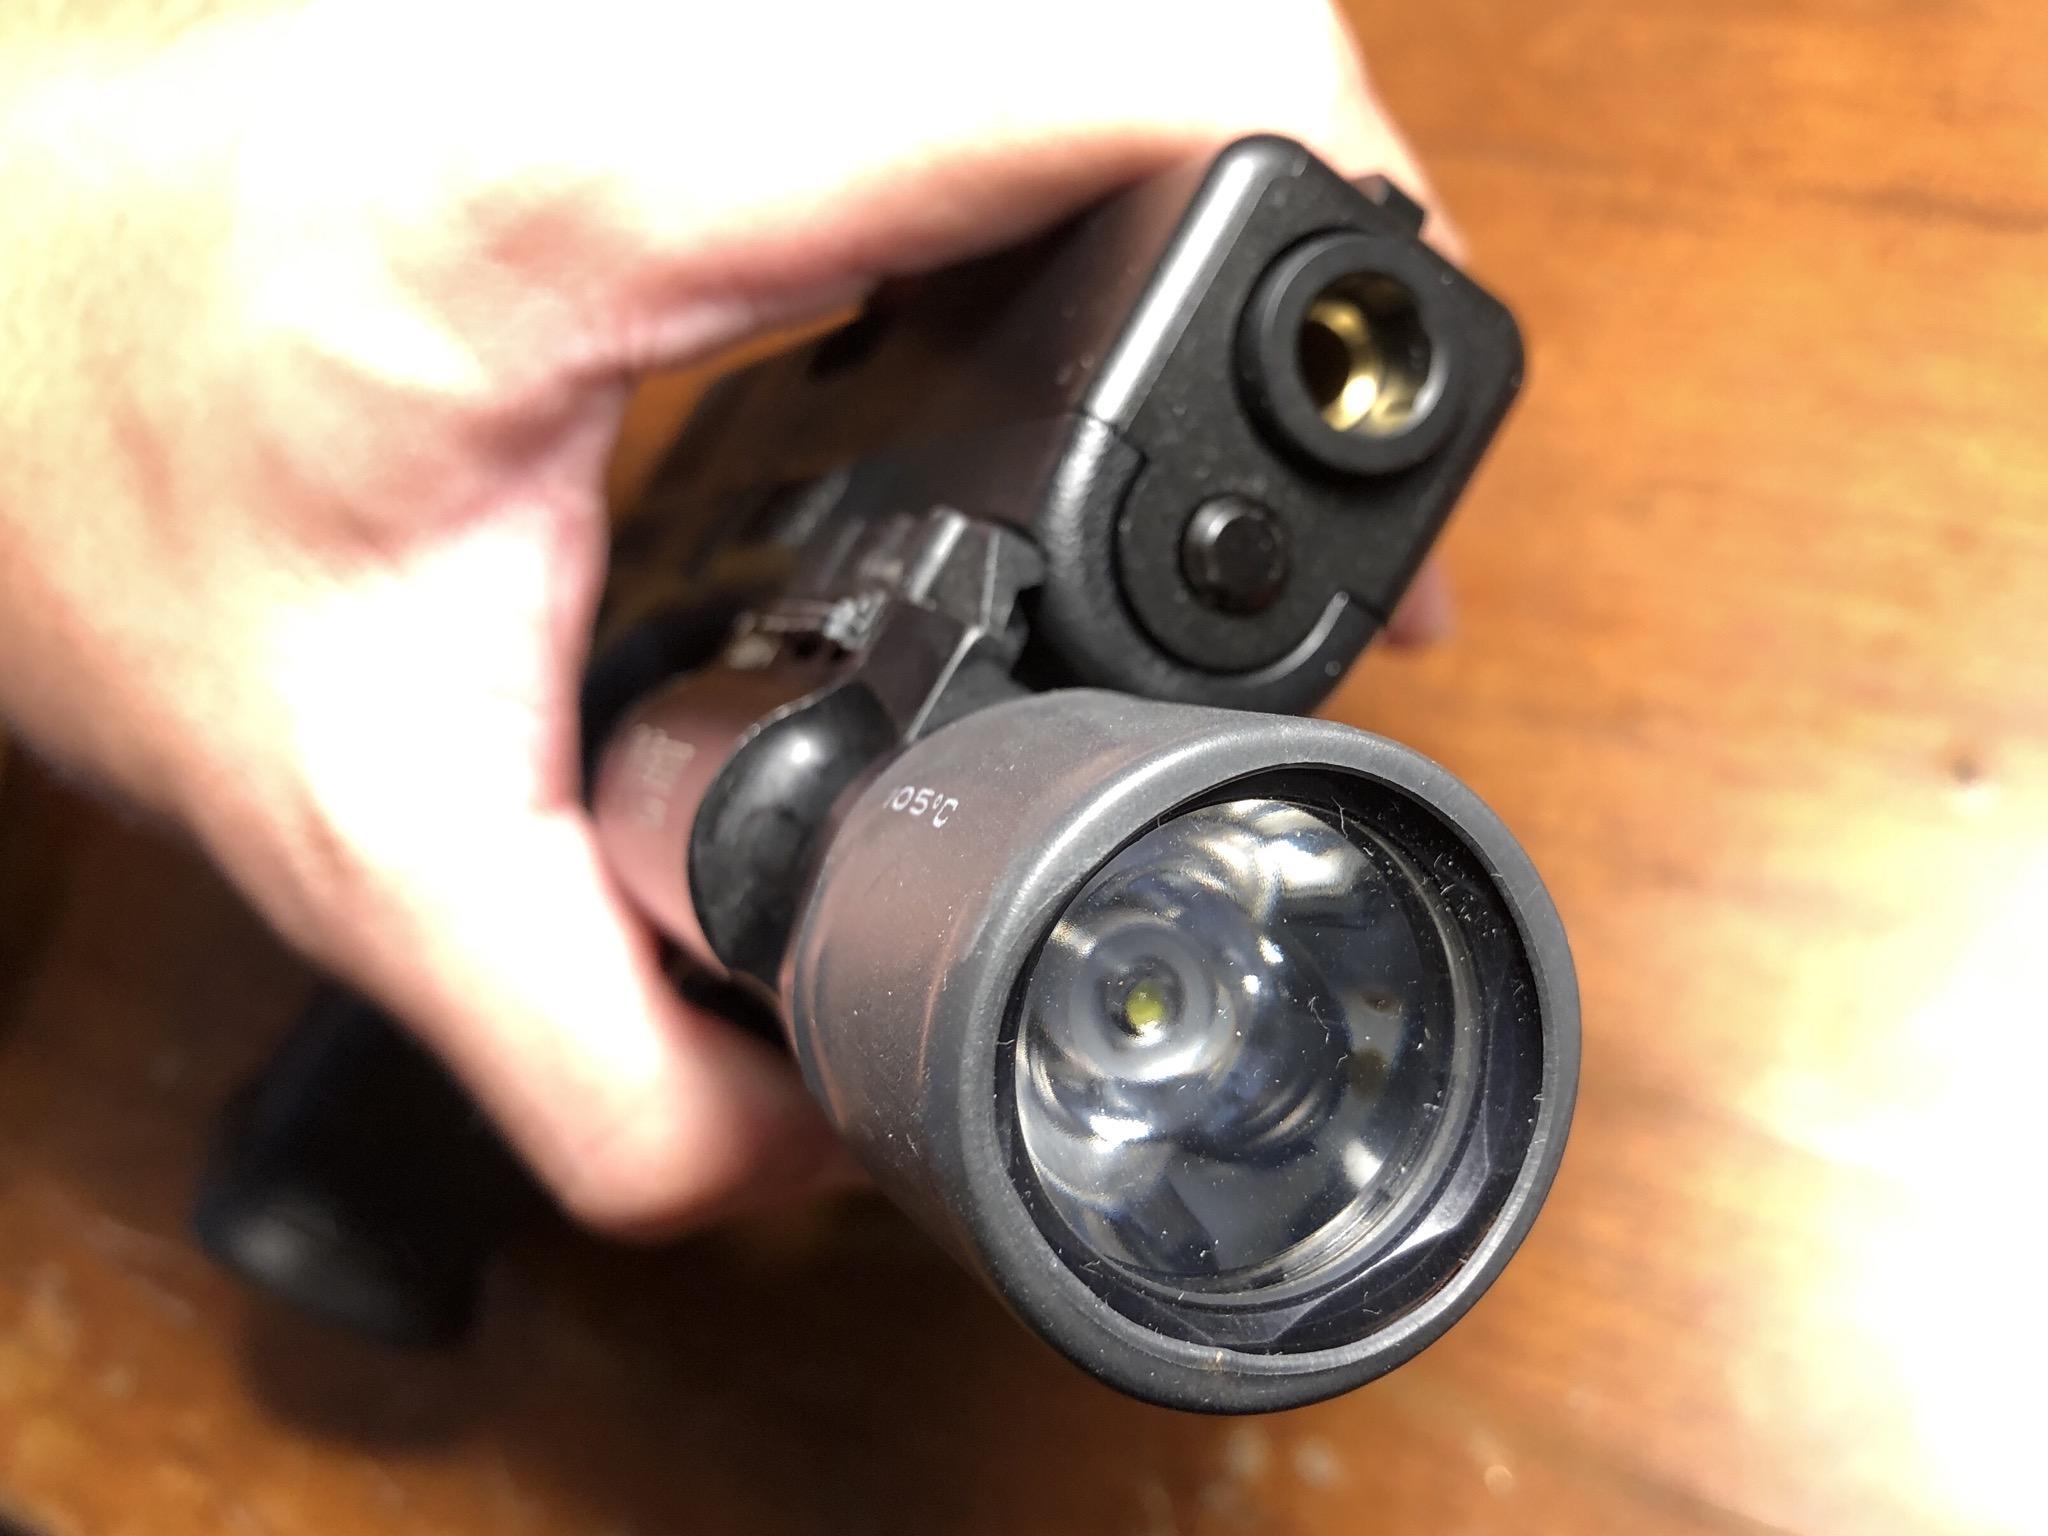 92DA1199 AA80 4F50 9C1F 1BB1D0BBE9B3 - surefire X300 レンズ補強